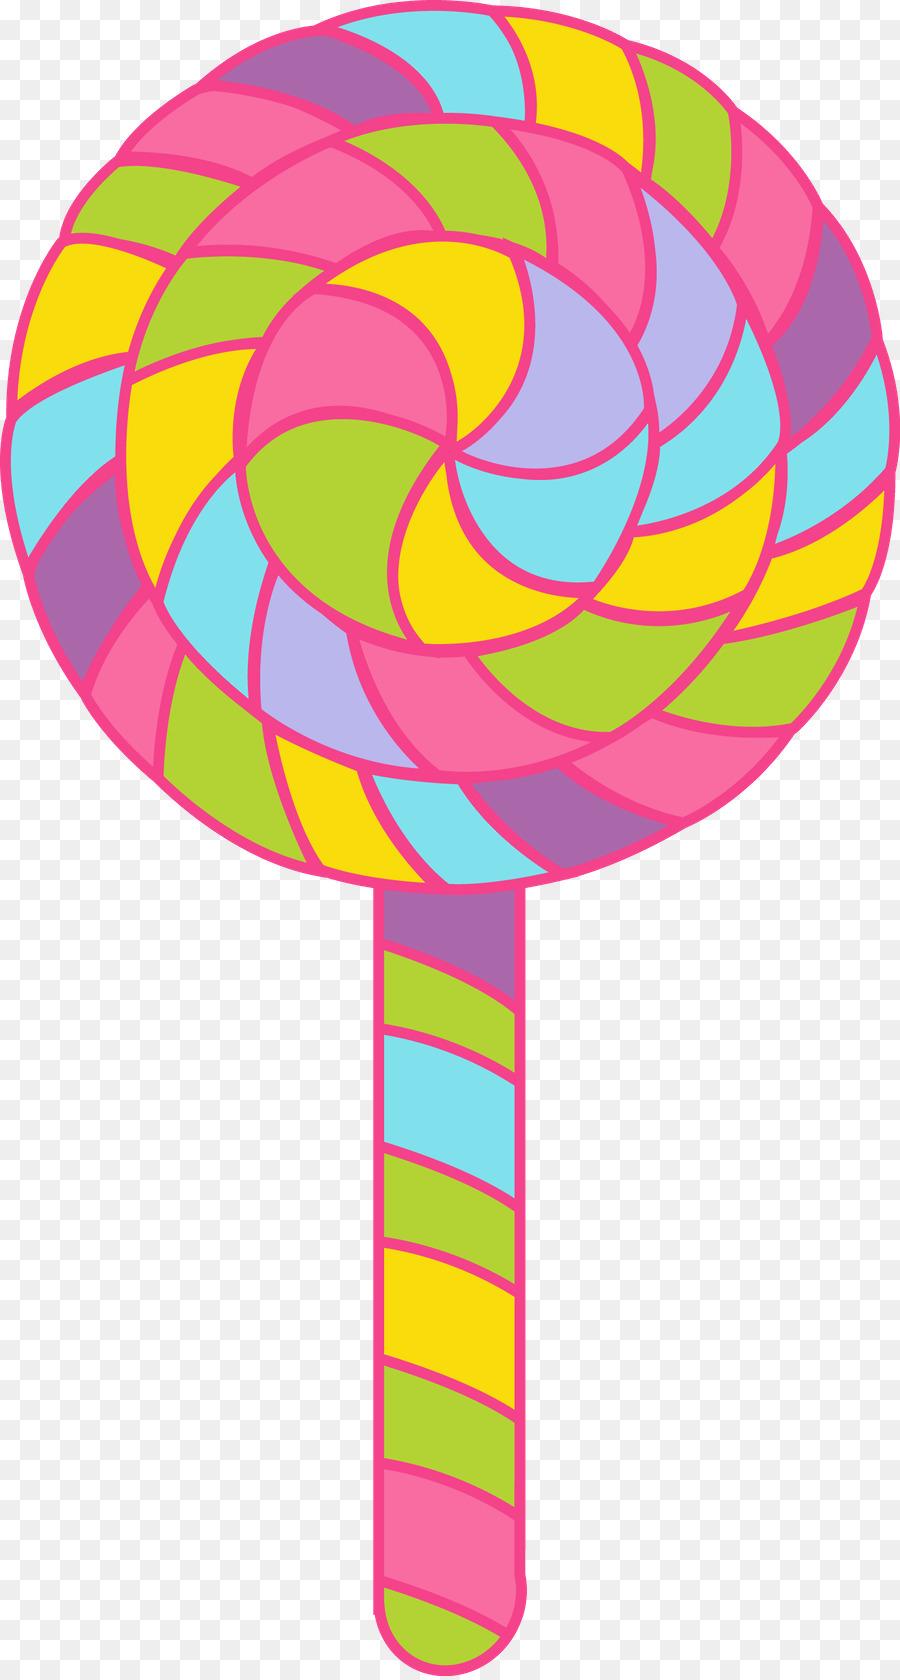 Lollipop Cartoon png download.